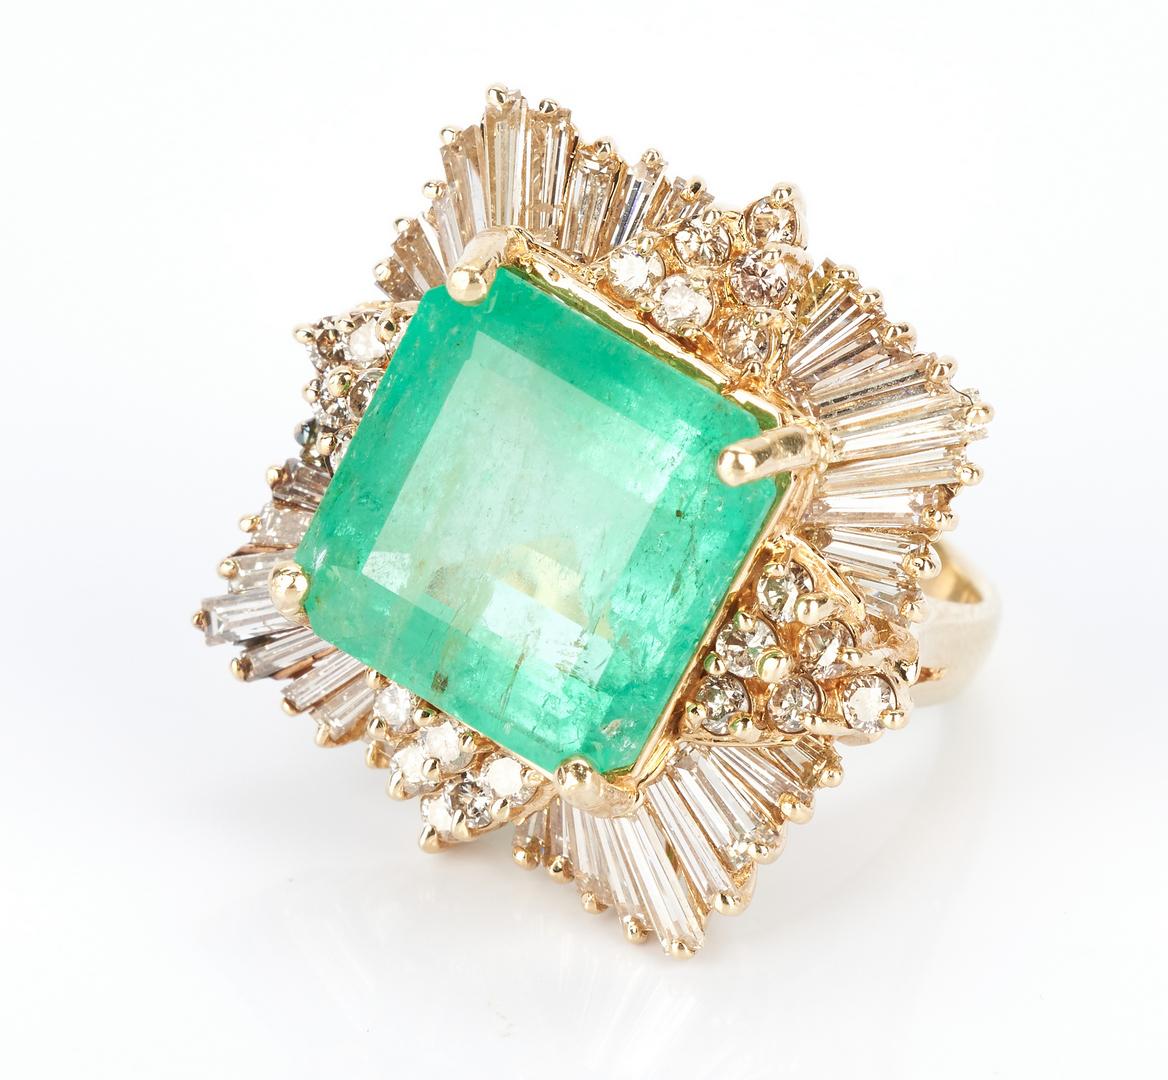 Lot 216: Ladies Square Cut Emerald & Diamond Ring